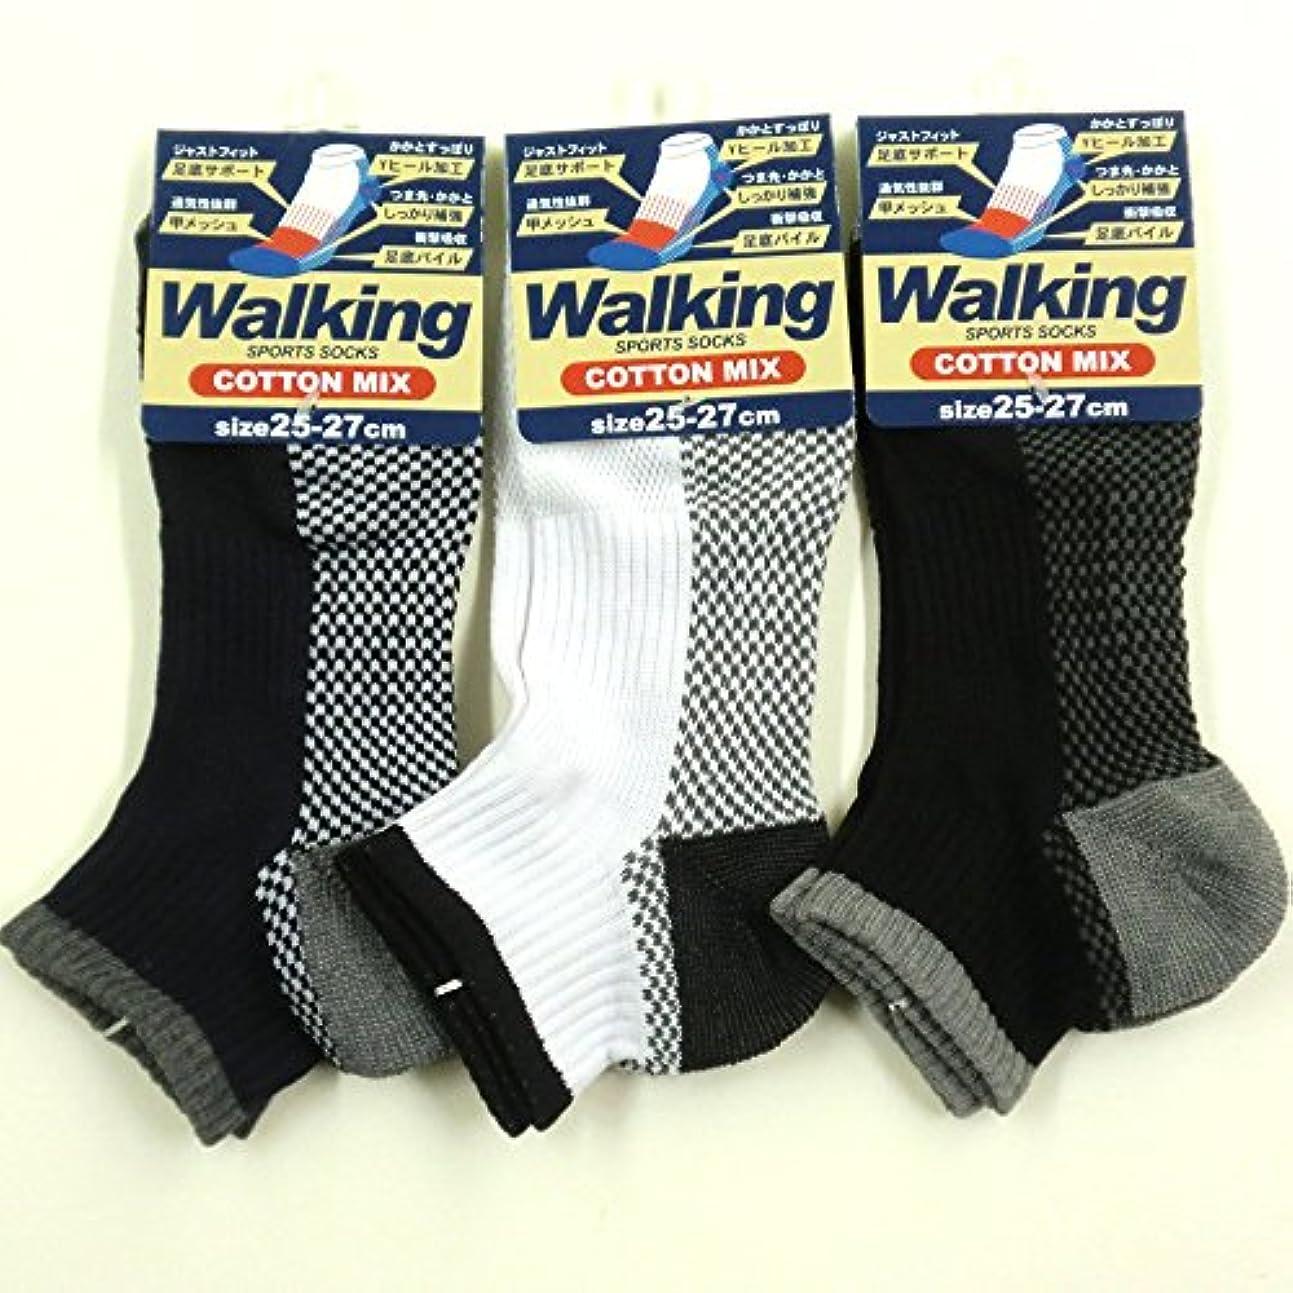 タイトアンタゴニスト不誠実スニーカー ソックス メンズ ウォーキング 靴下 綿混 足底パイル 25-27cm 3足セット